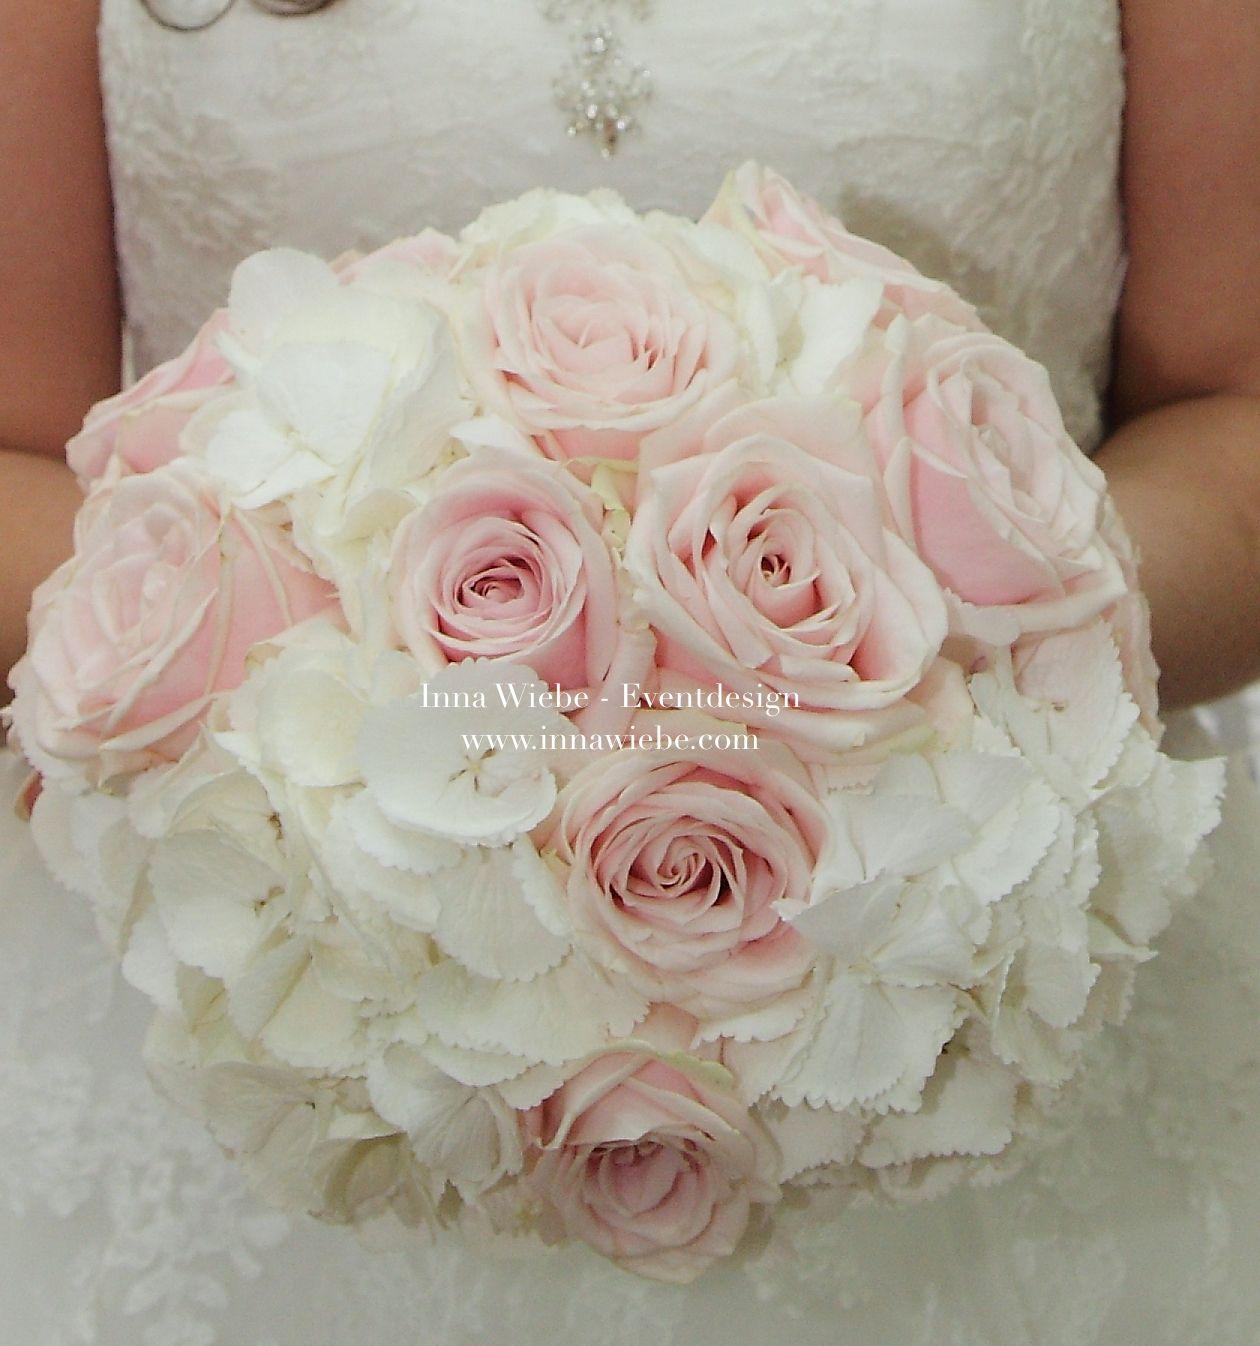 Romantischer Brautstrauss Kompakt Und Rund Gebunden In Weiss Und Puderrosa Brautstrauss Bridalbouquet Bride Flowers Blumenstrauss W Brautstrauss Braut Hochzeit